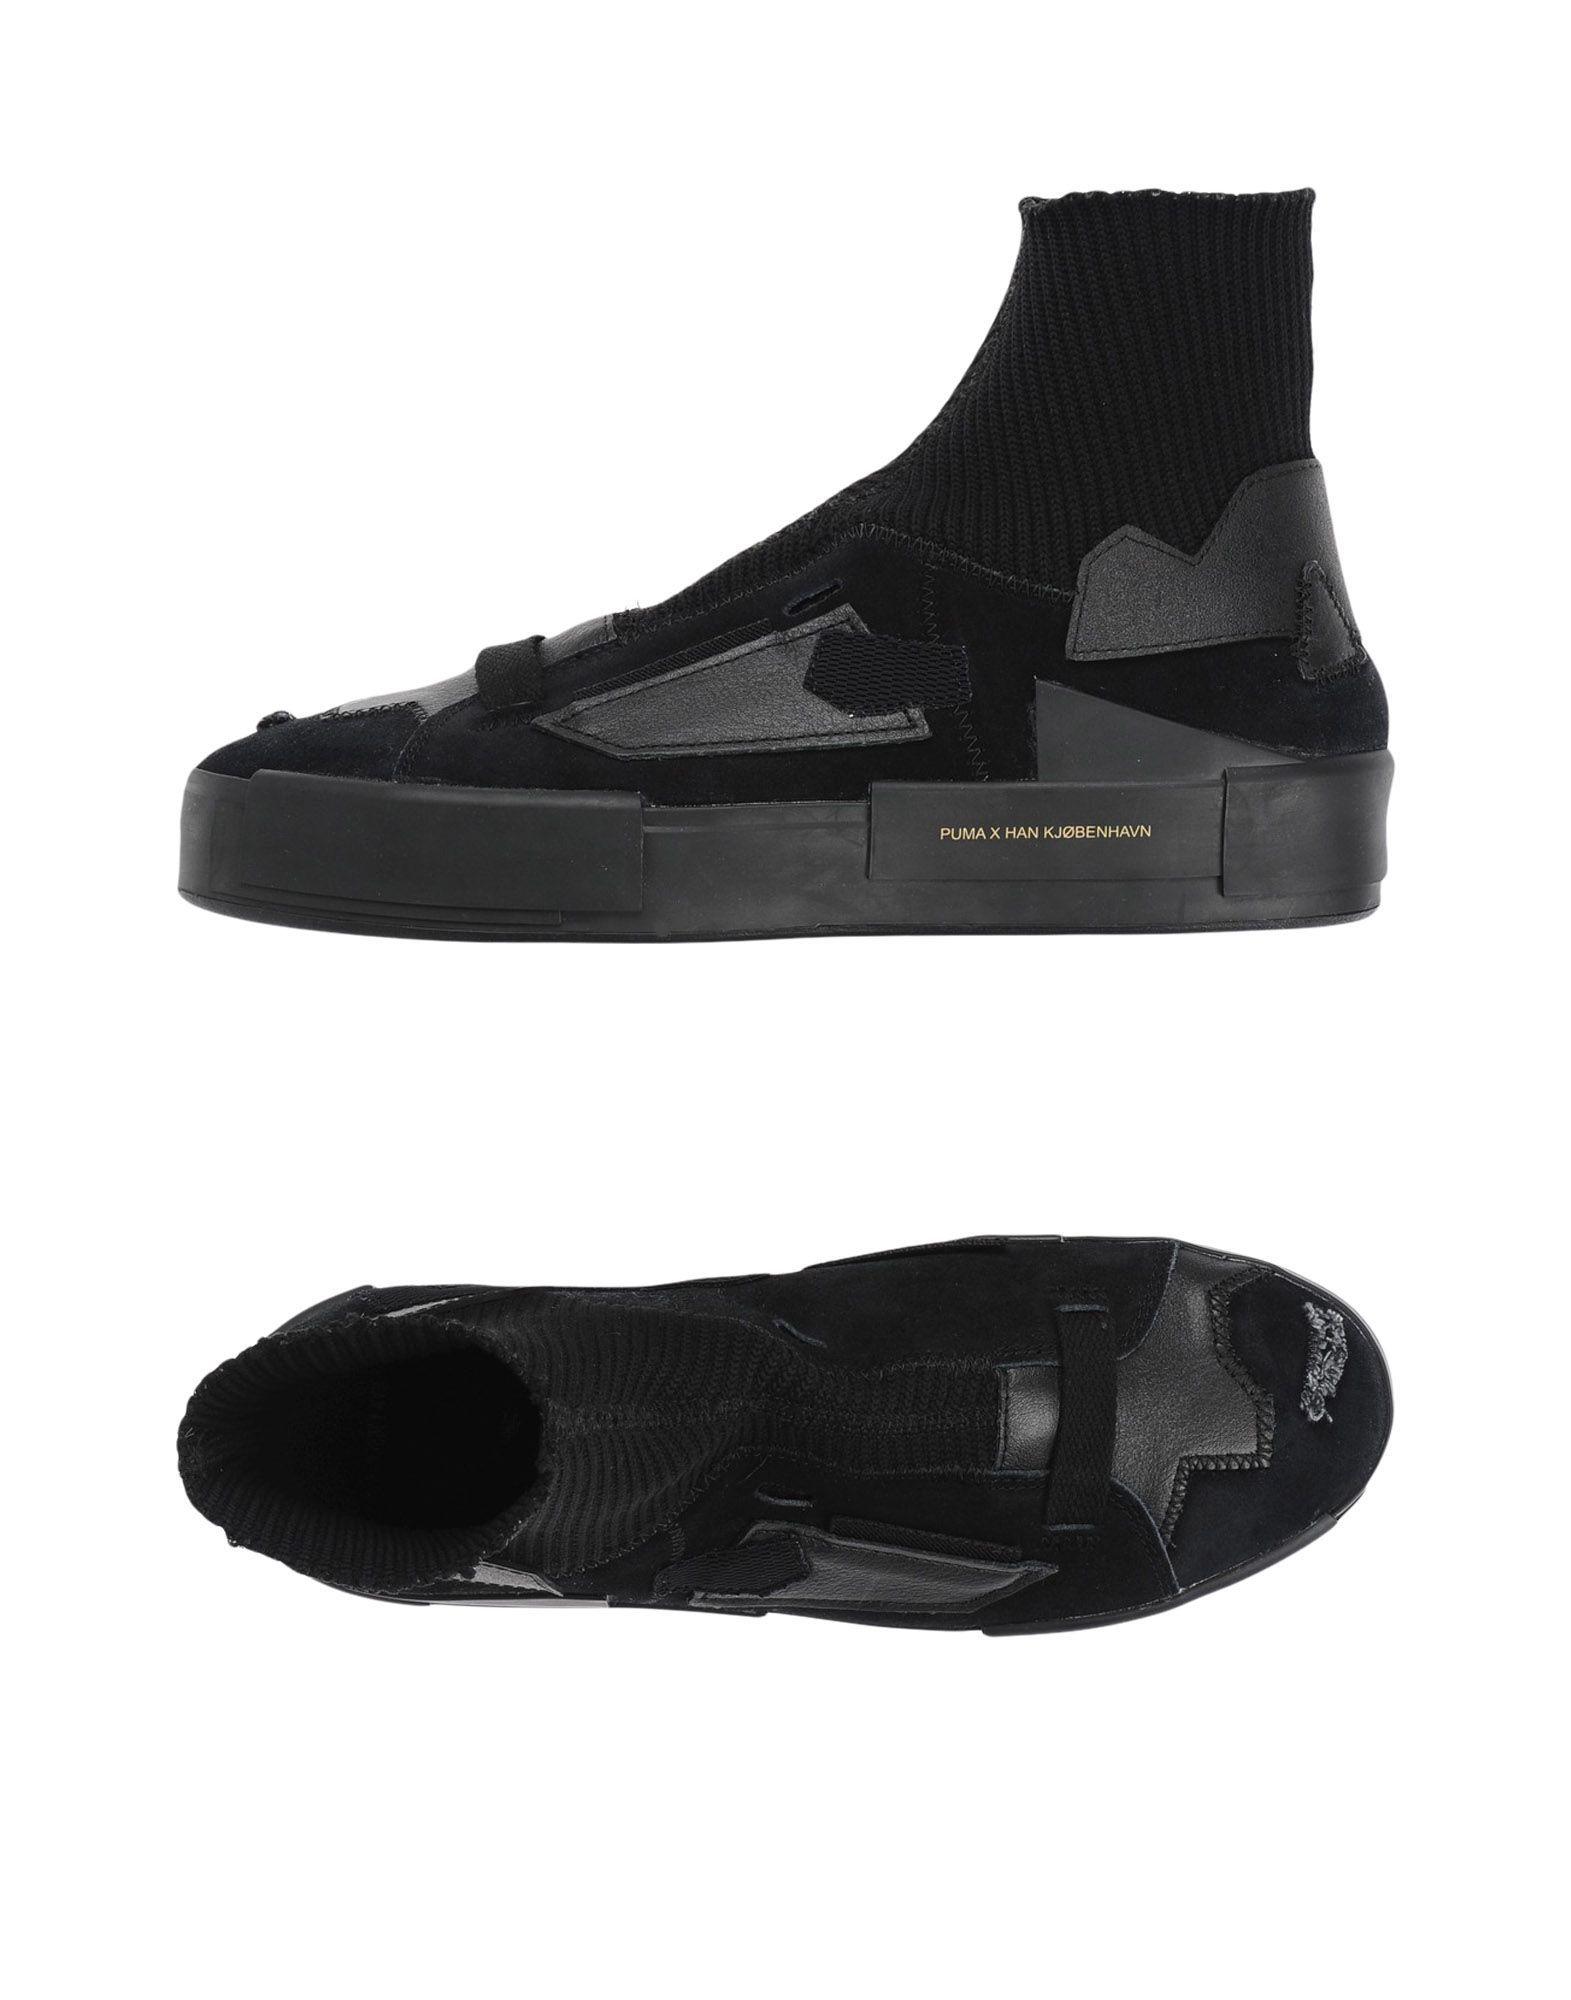 ea7d5af42a Puma X Han Kjøbenhavn Court Platform Sneakers online on YOOX United States  - 11457395KA